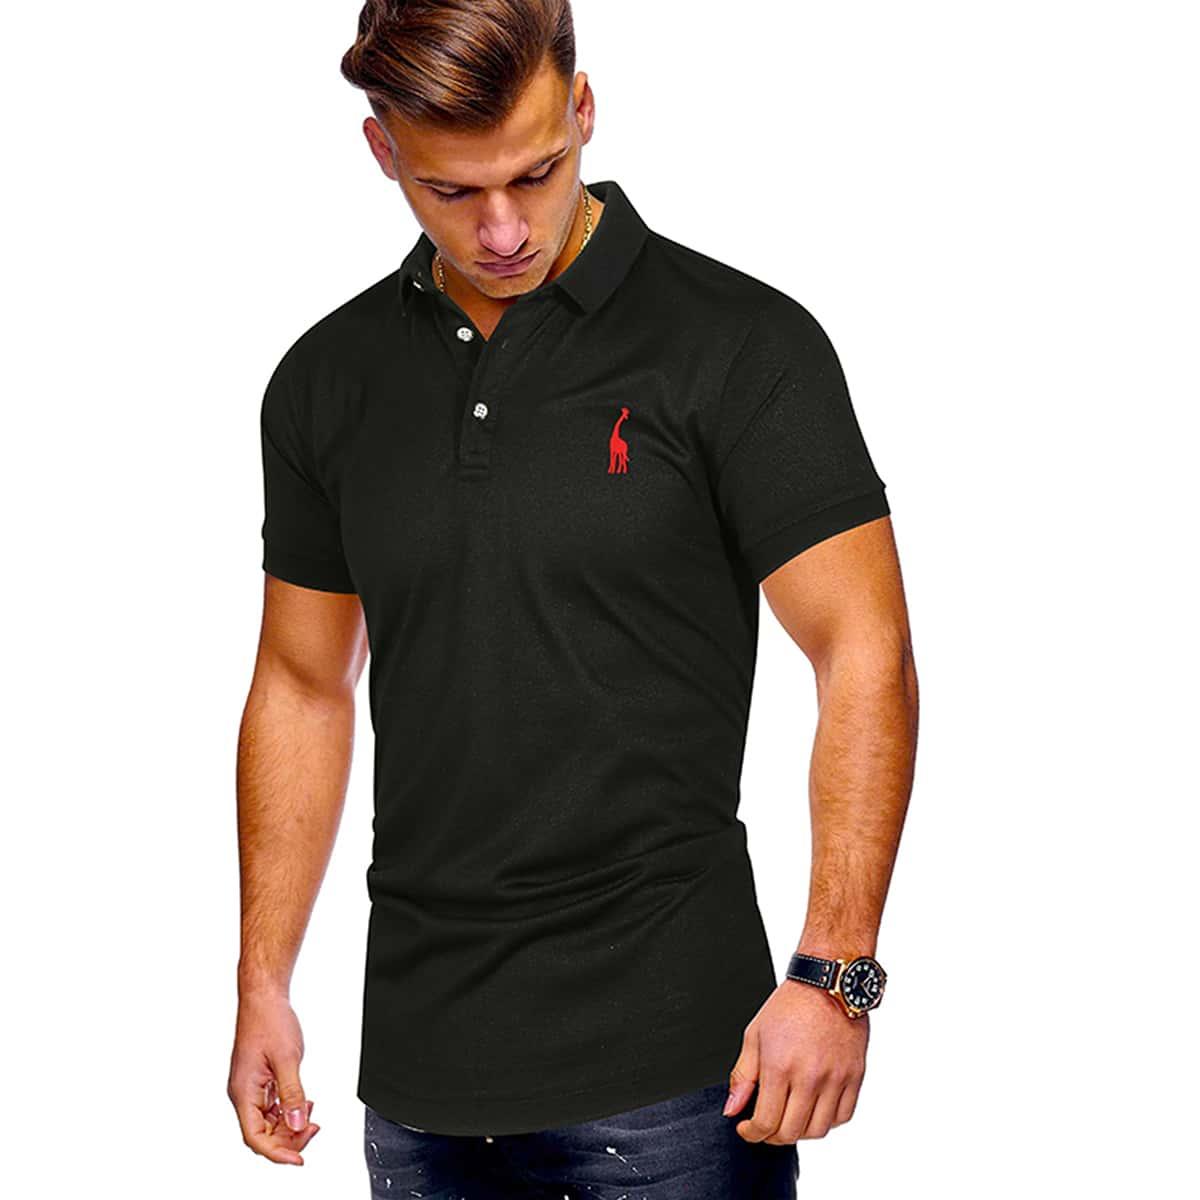 Мужская рубашка-поло с принтом жирафы